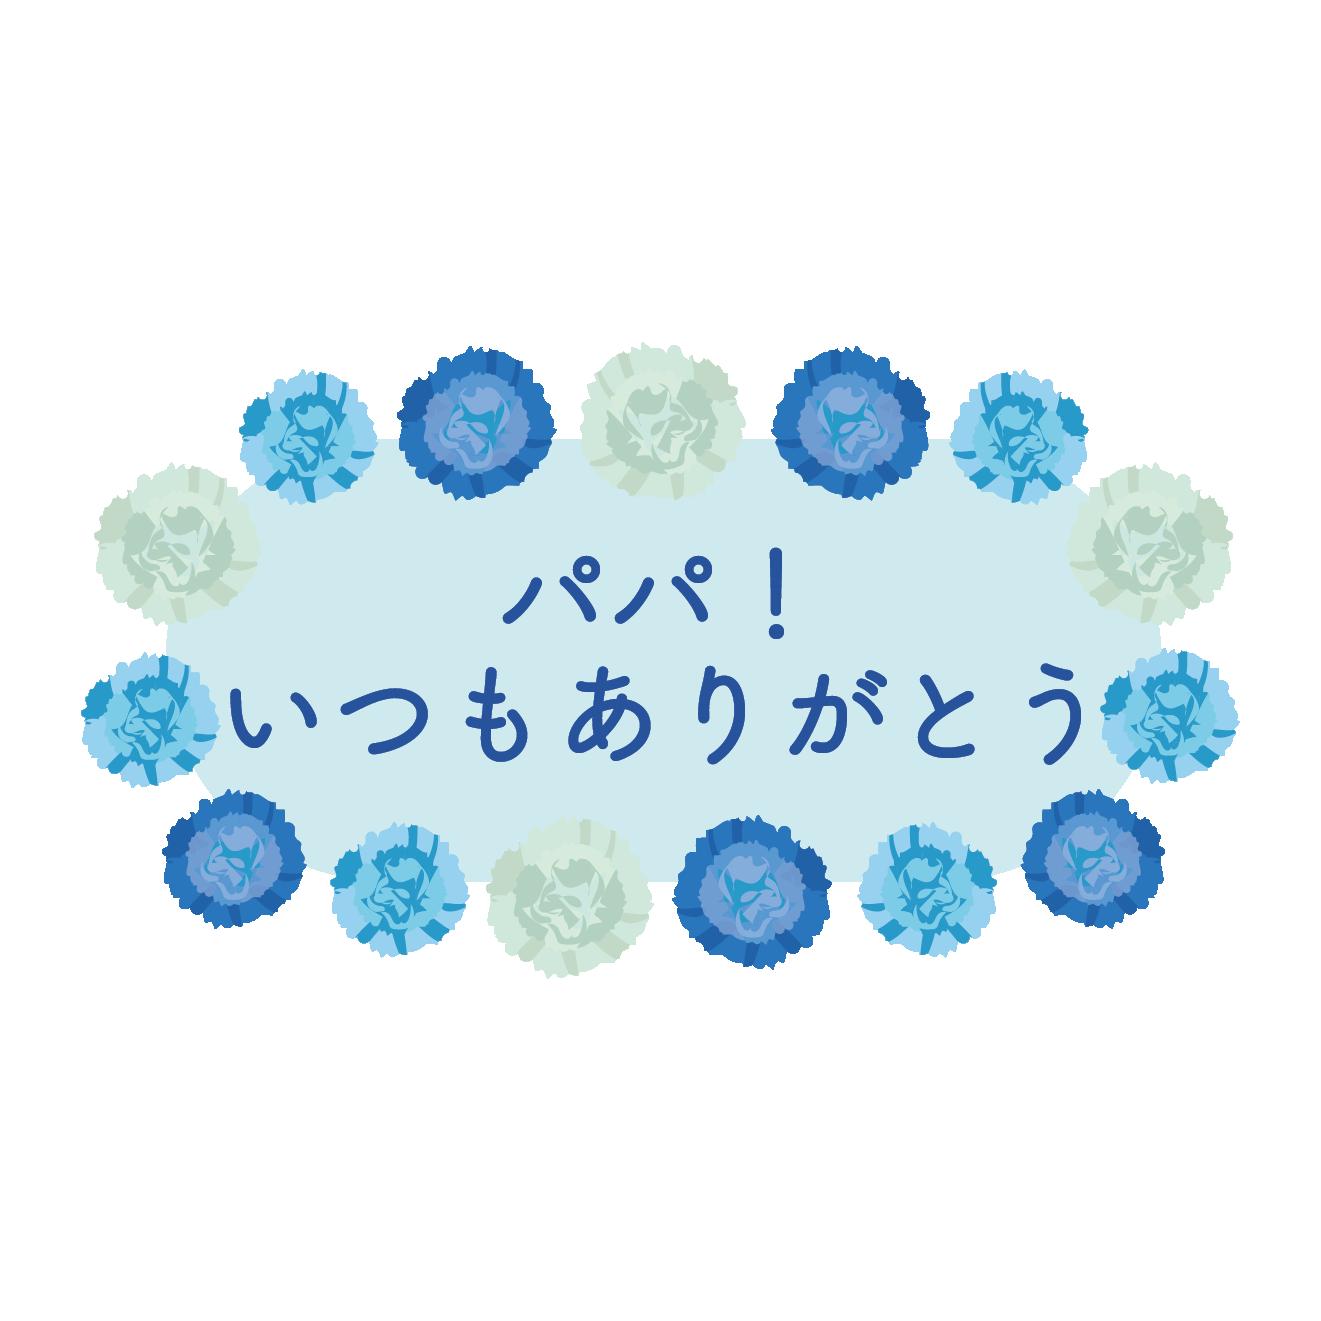 パパいつもありがとう!の文字イラスト 【父の日】 | 商用フリー(無料